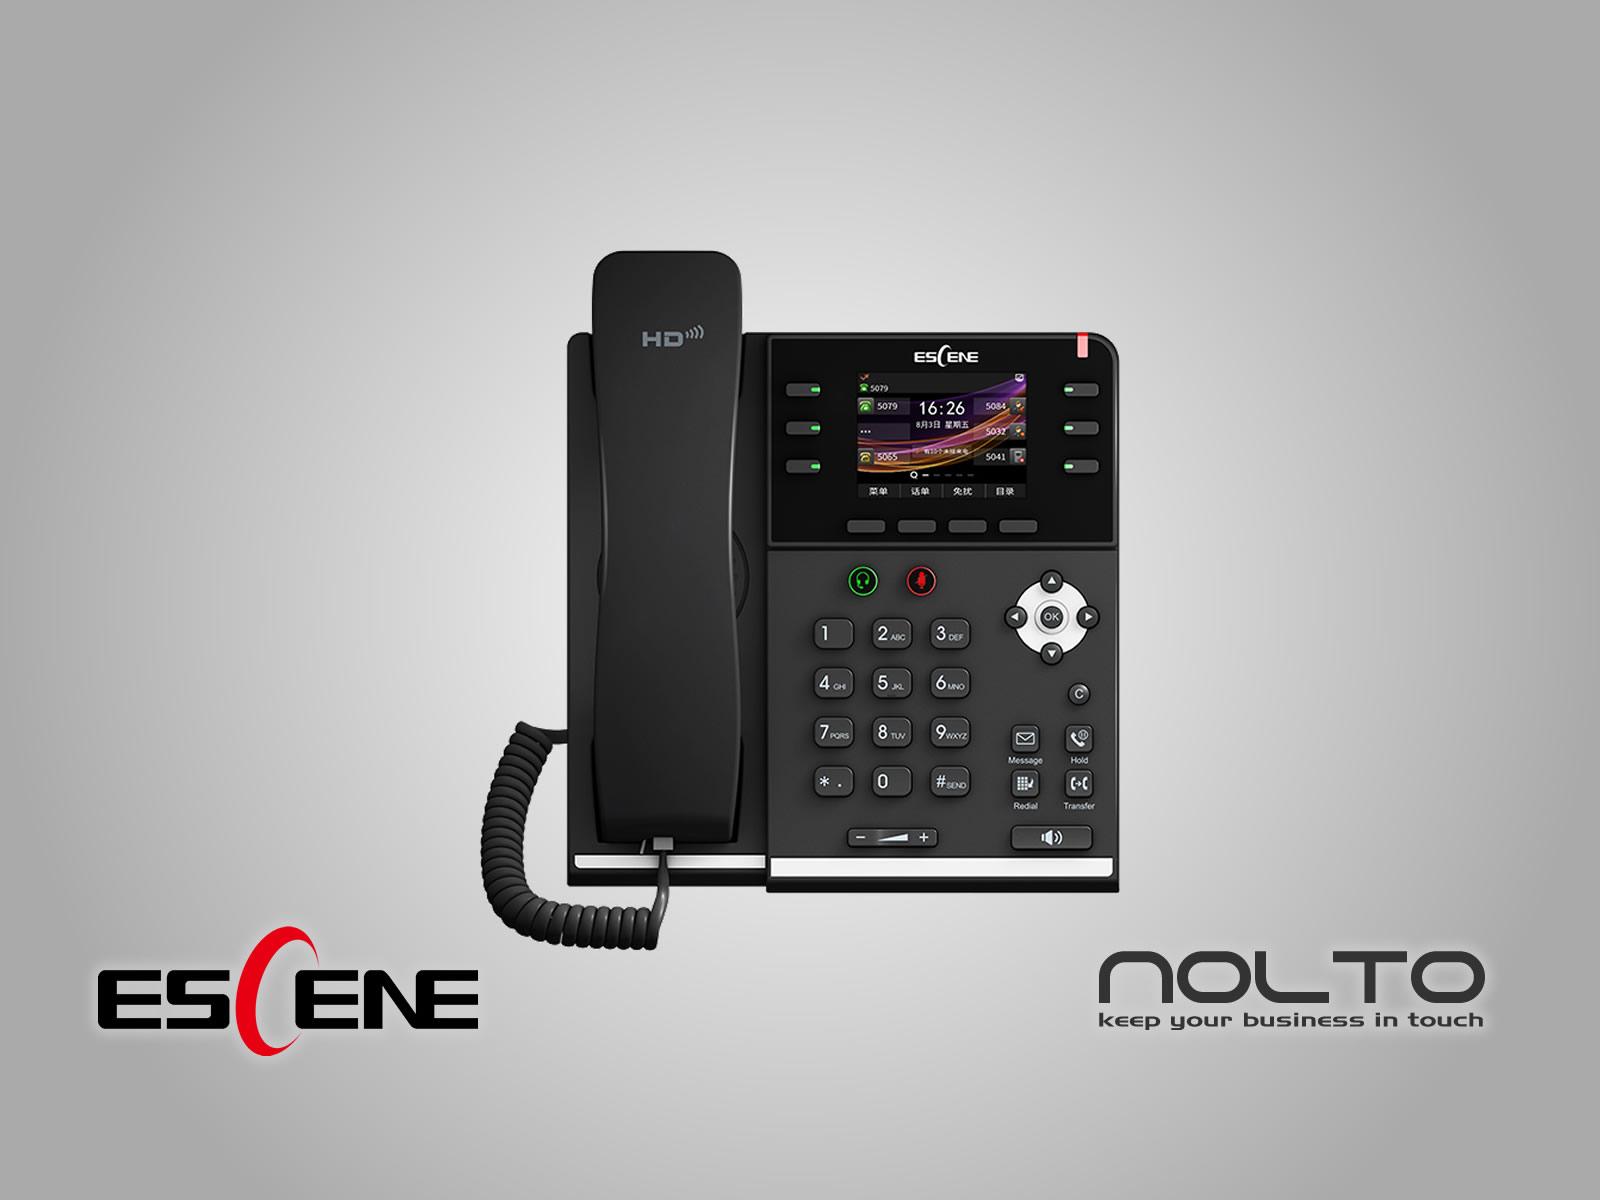 Escene ES380-PG POE ve Gigabit VoIP Telefon